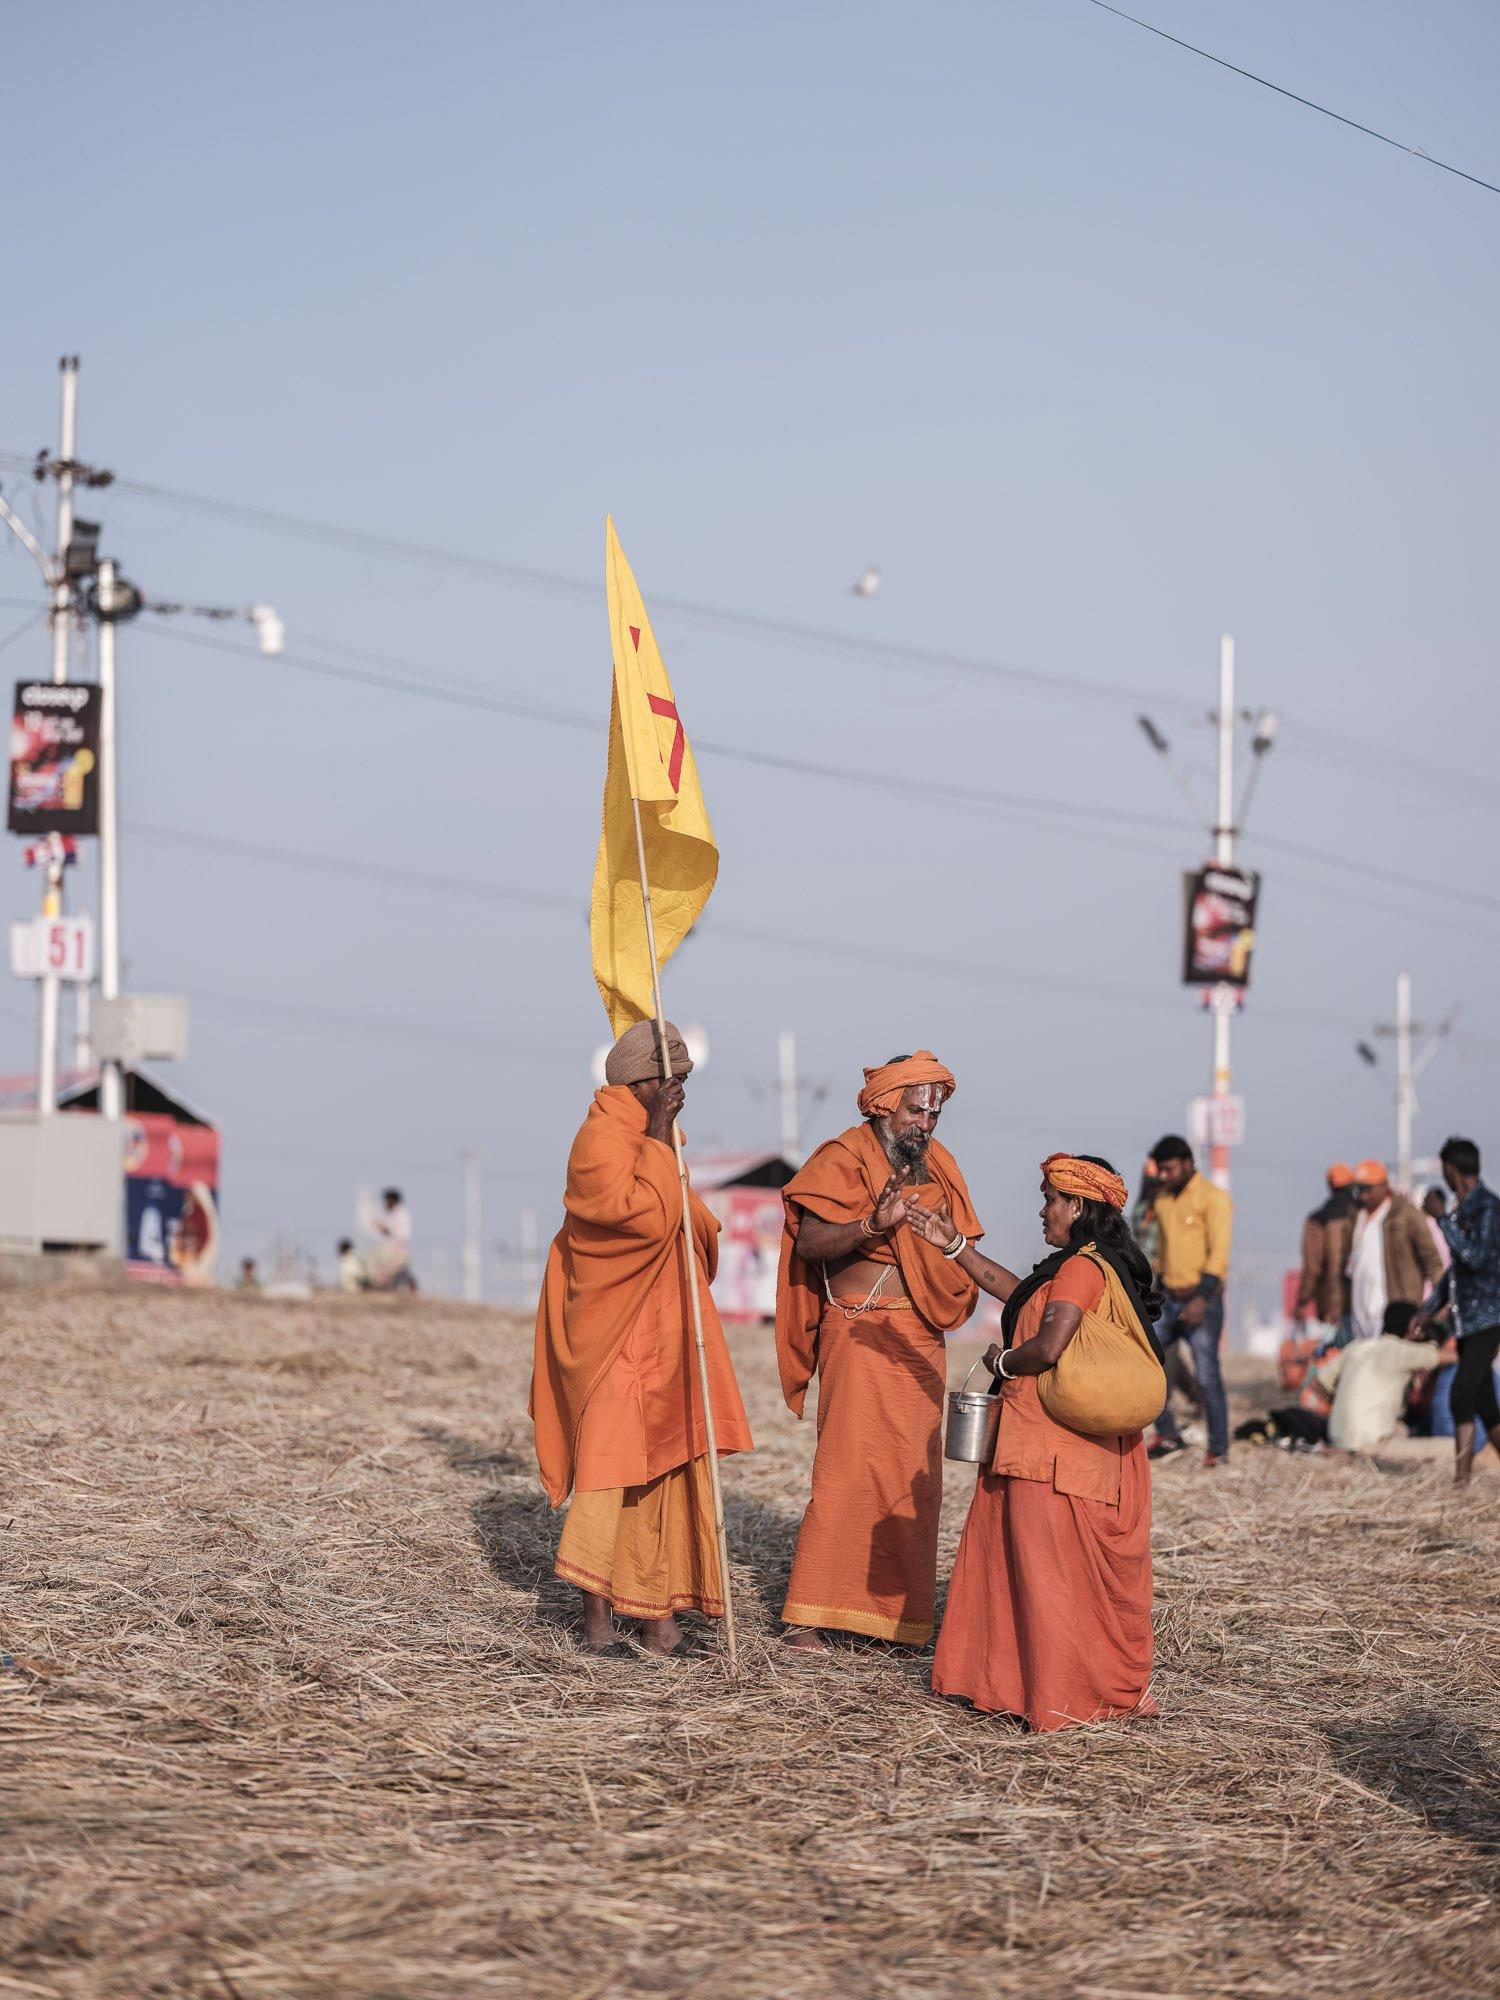 group baba pilgrims Kumbh mela 2019 India Allahabad Prayagraj Ardh hindu religious Festival event rivers photographer jose jeuland photography